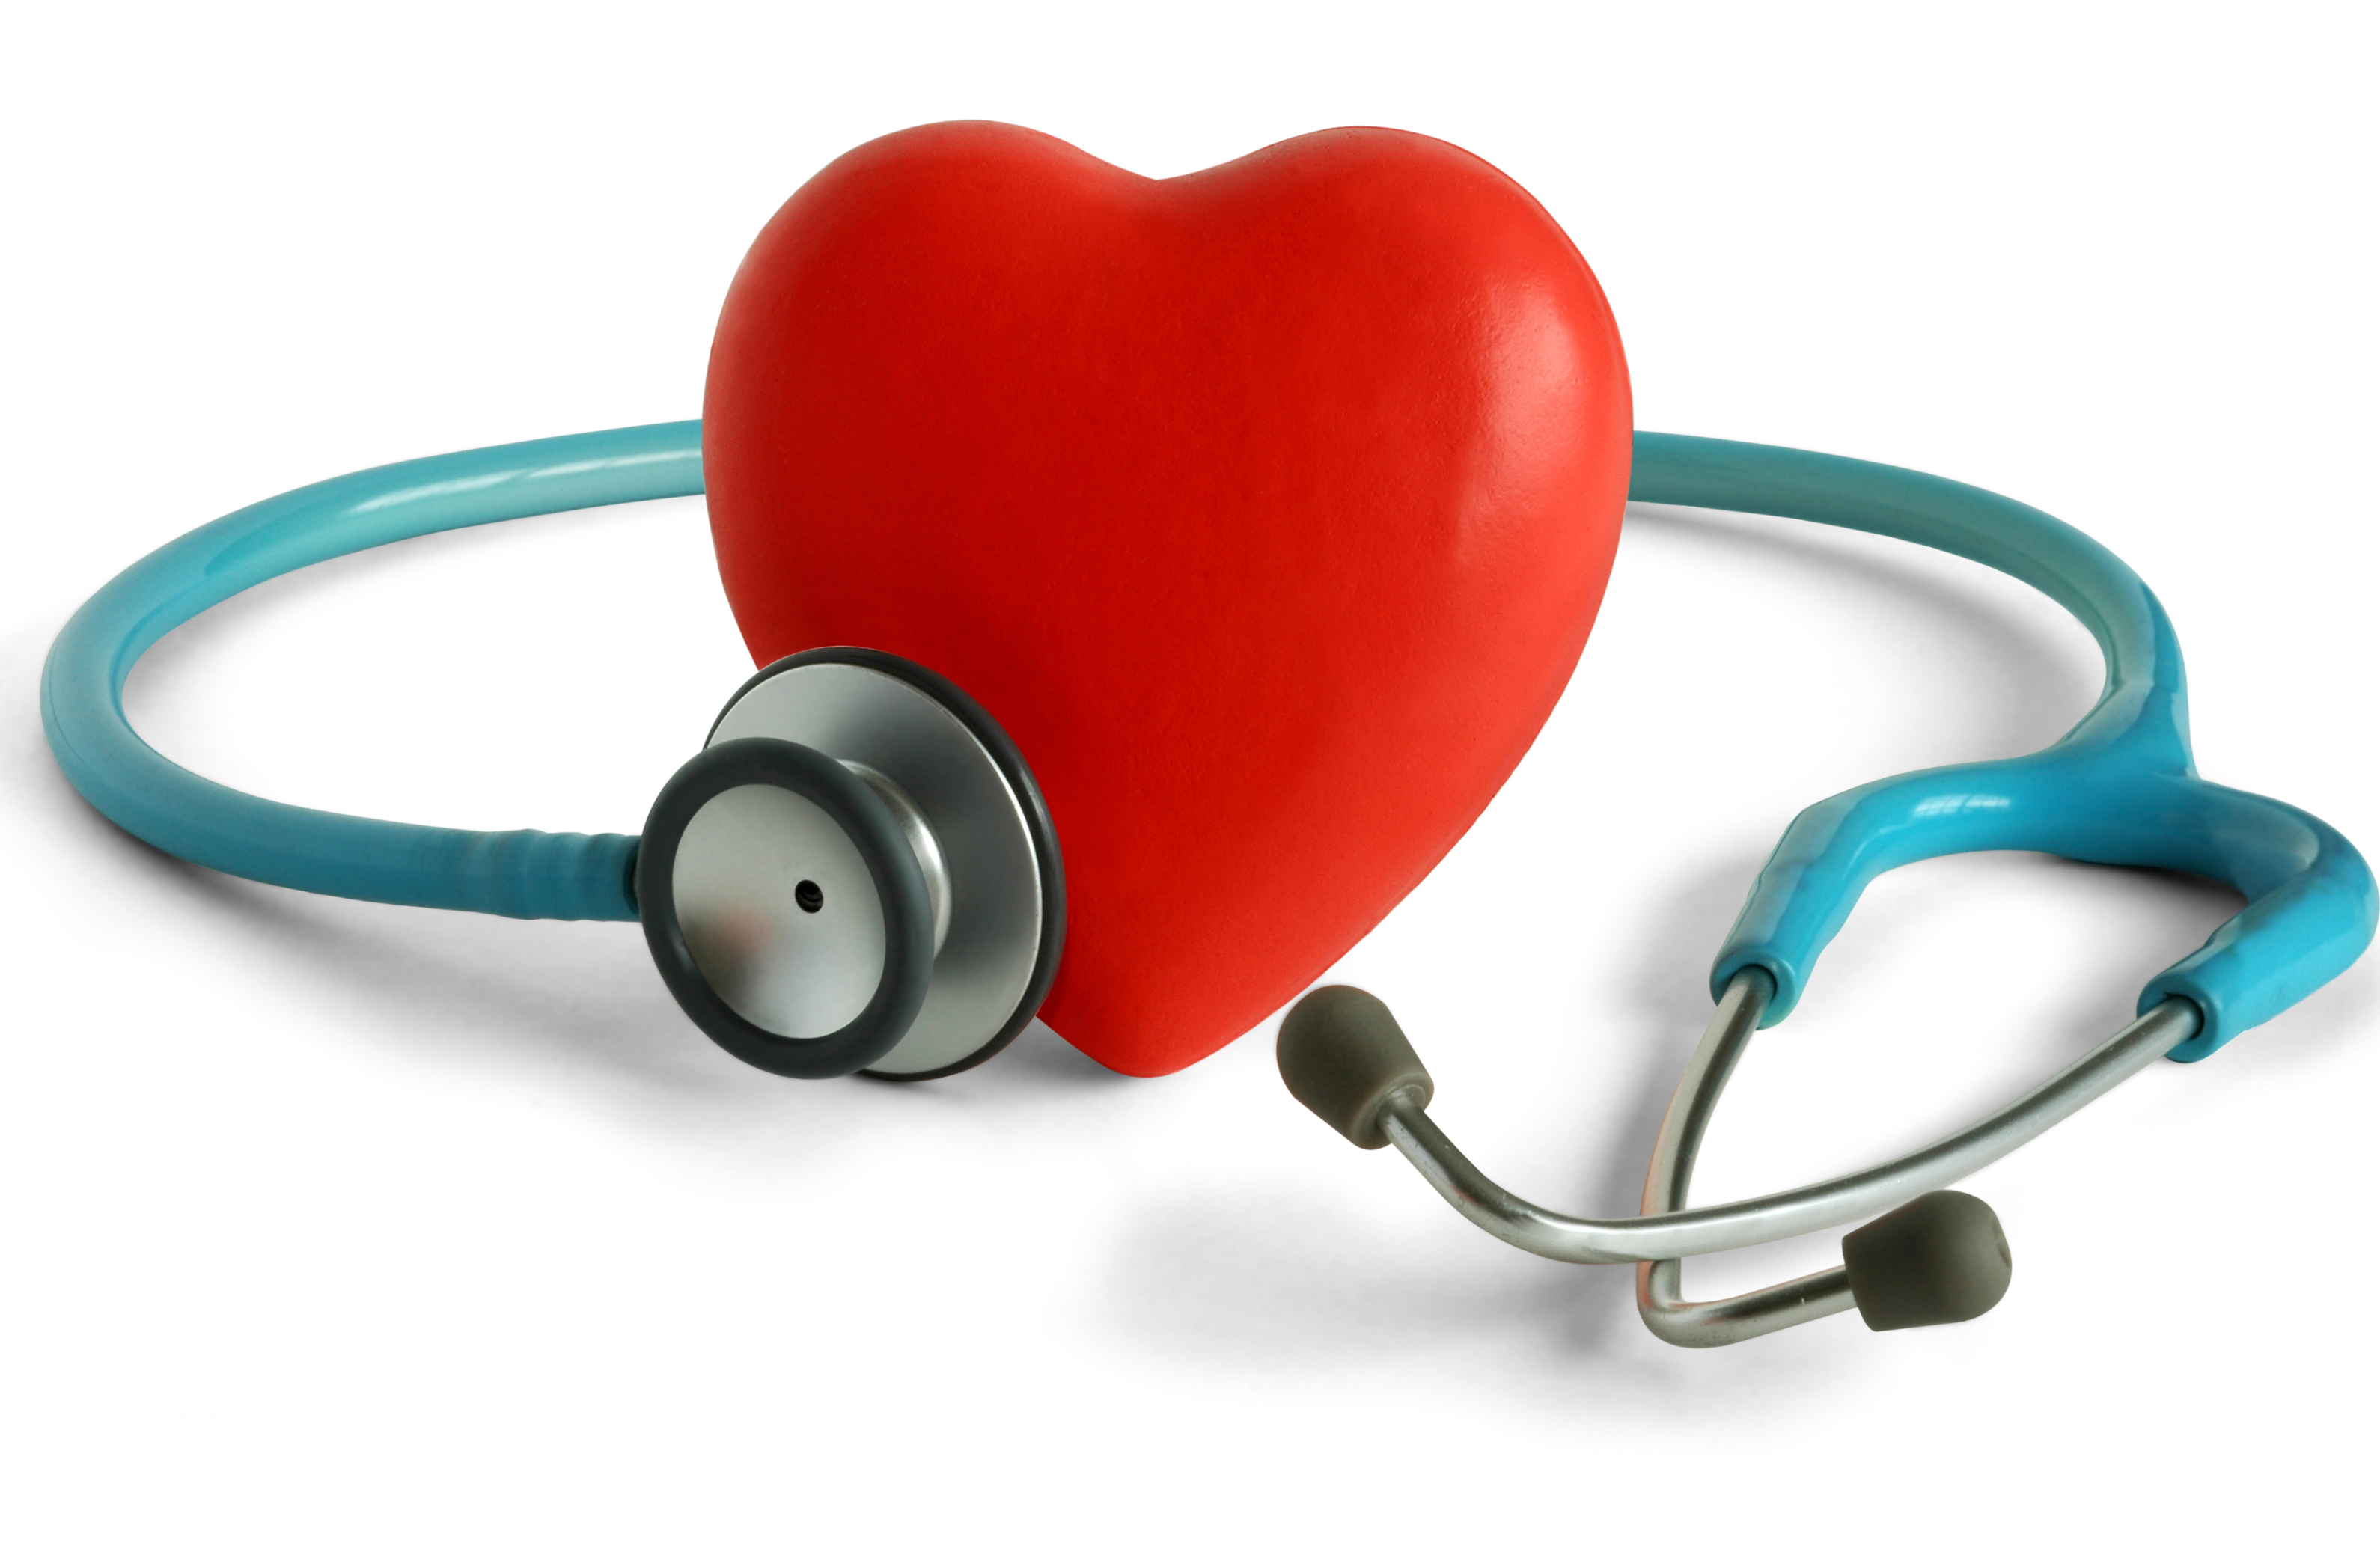 Padidėjęs kraujo spaudimas – ką kiekvienam svarbu žinoti? - ingridasimonyte.lt